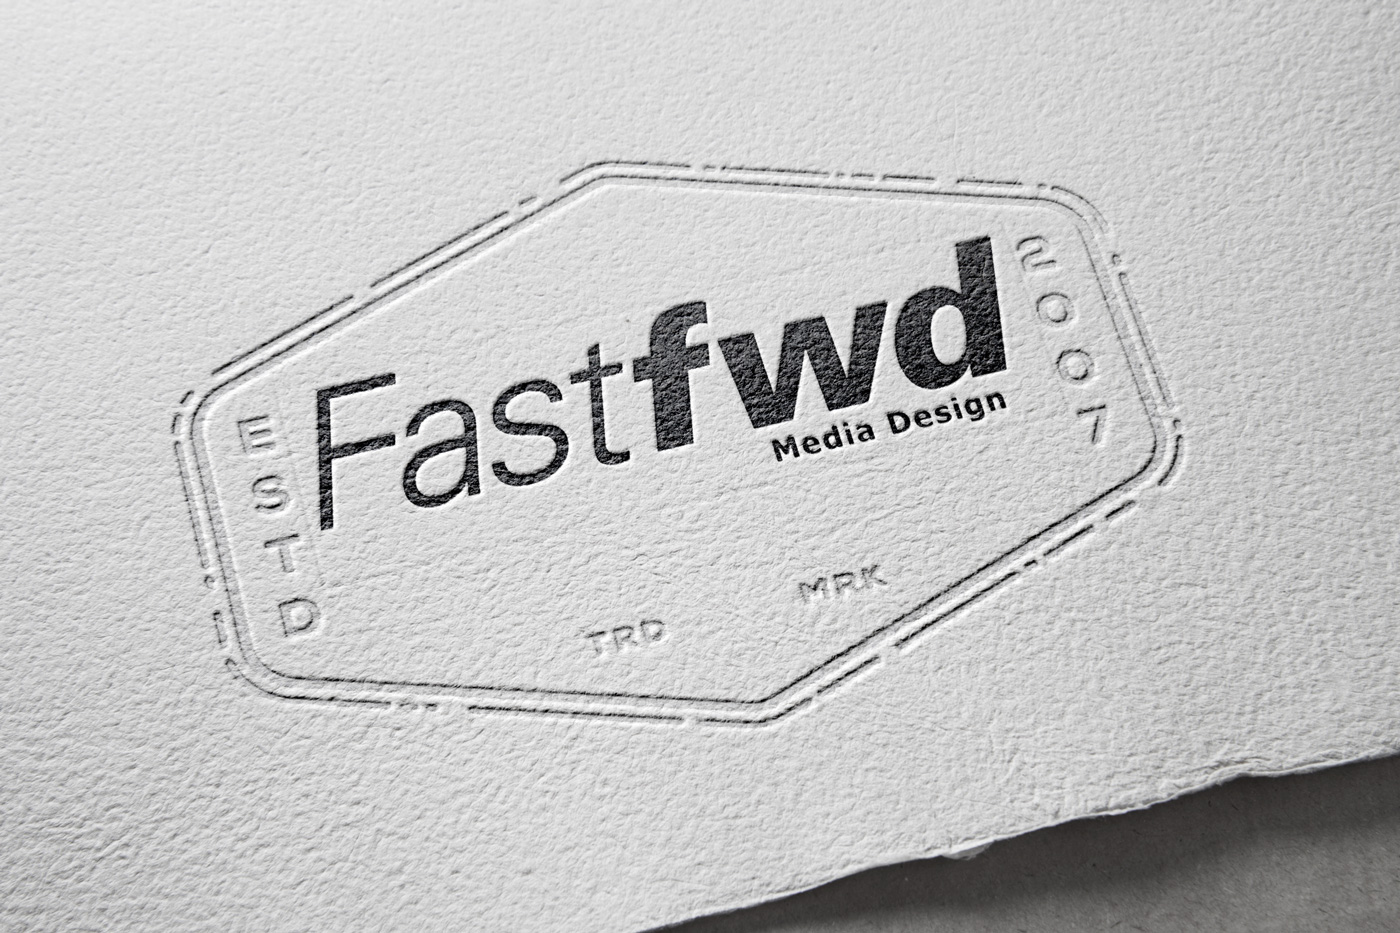 LOGO: Fastfwd